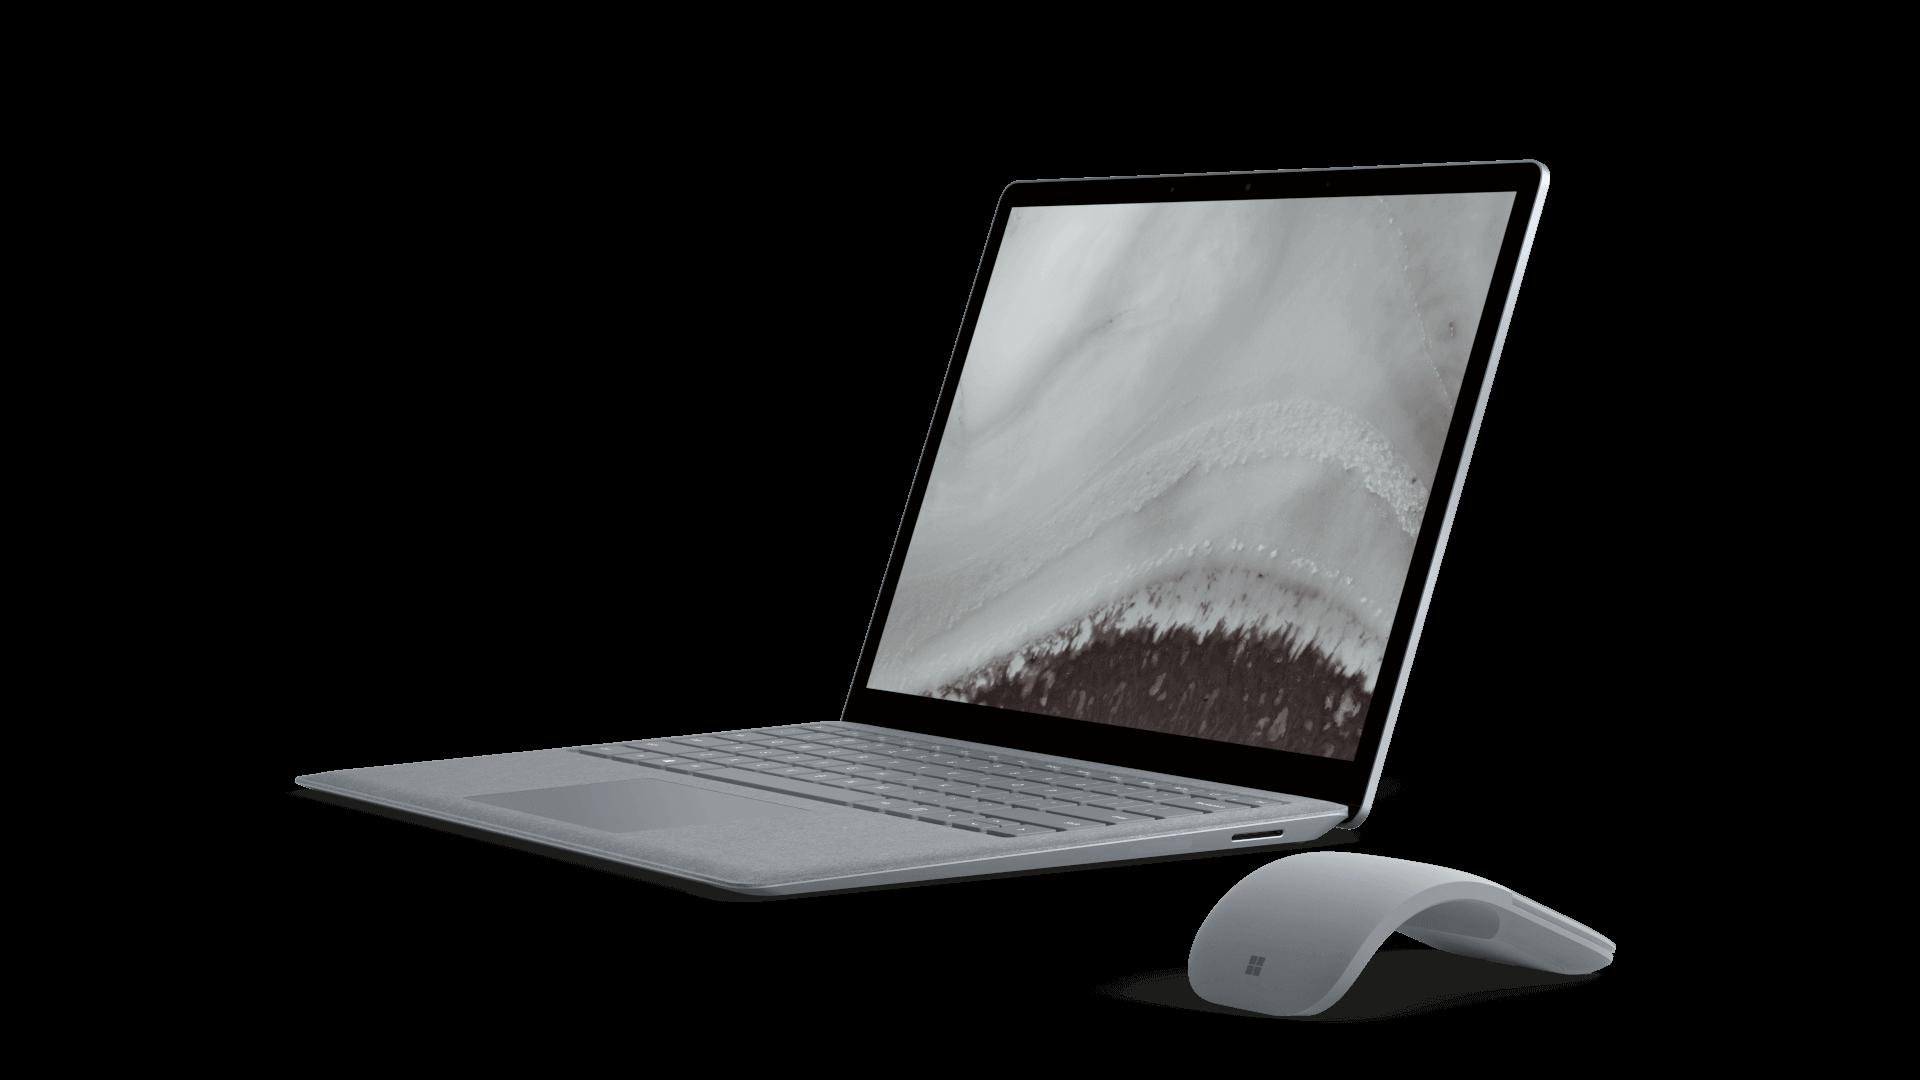 microsoft-surface-laptop2-kaufen-in-saarbrücken